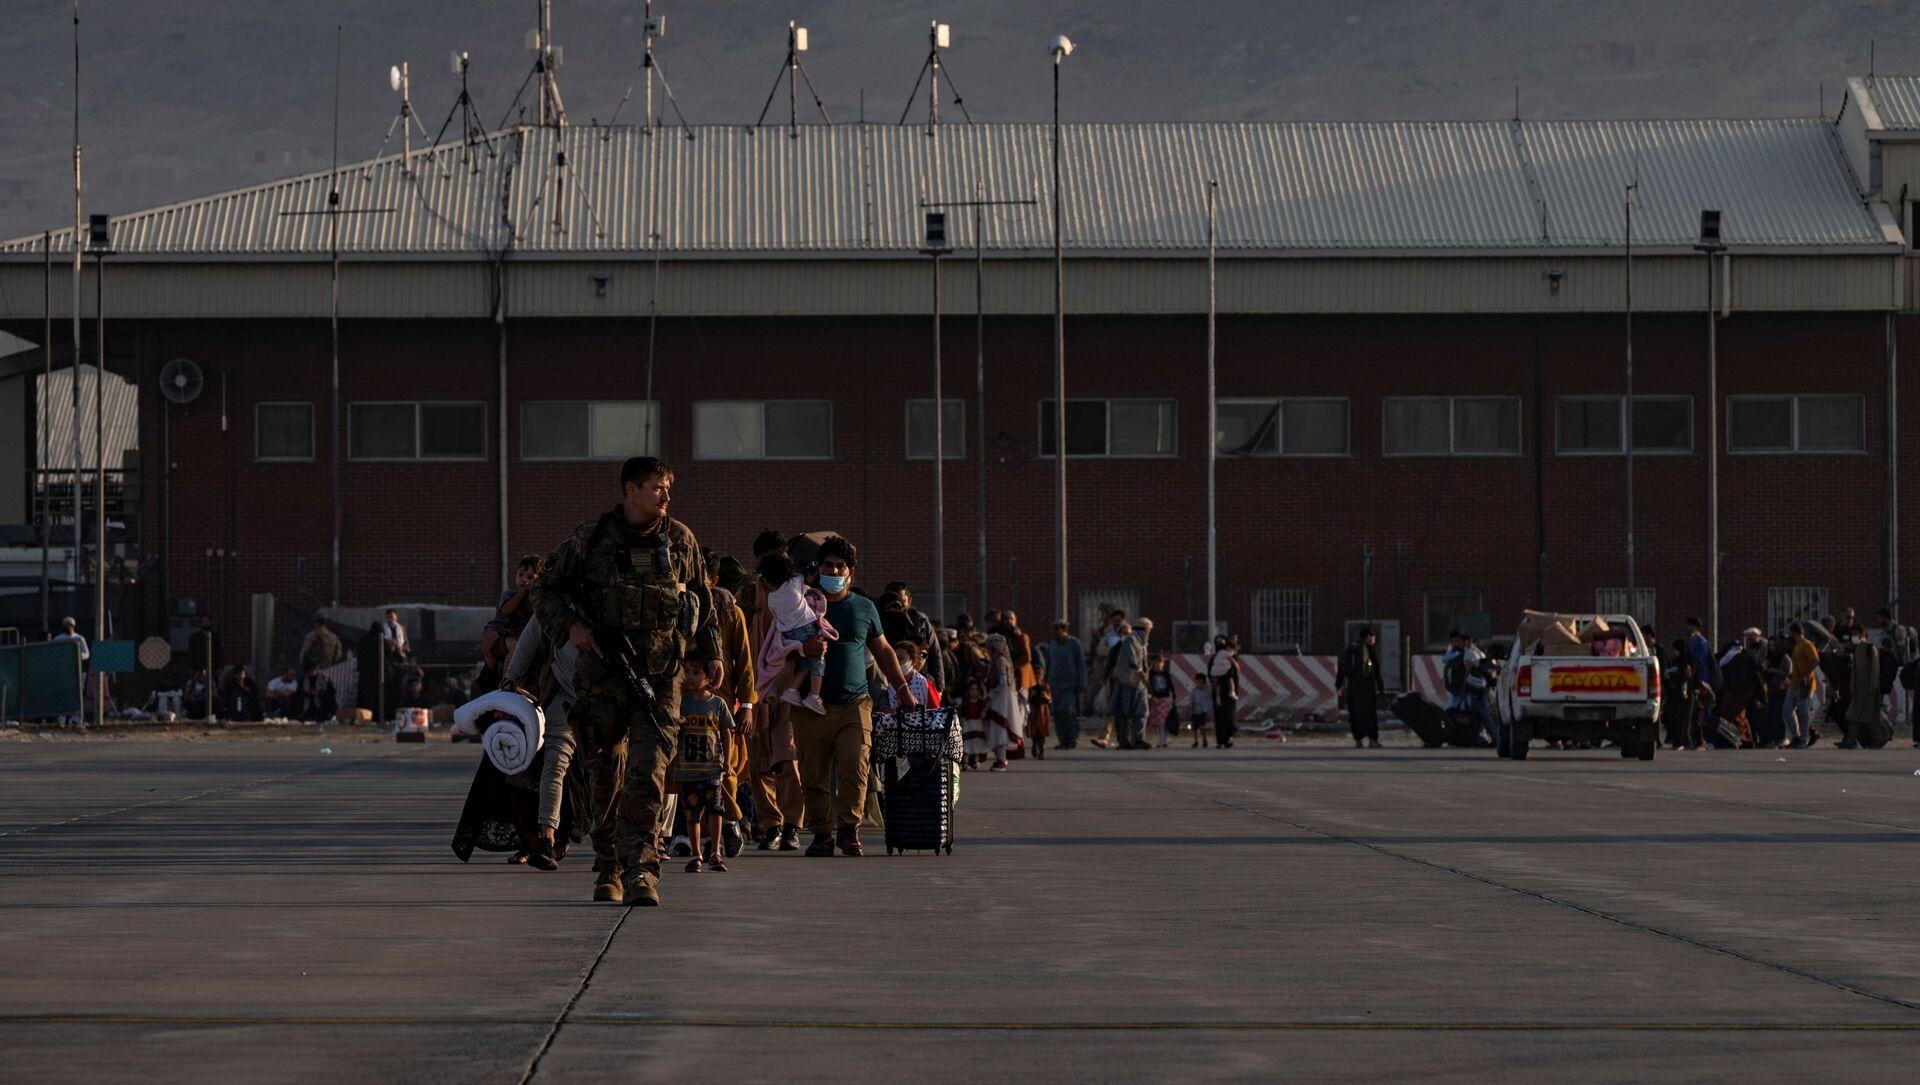 Phi công của Lực lượng Không quân Hoa Kỳ dẫn những người sơ tán lên máy bay C-17 Globemaster Lực lượng Không quân Hoa Kỳ III tại sân bay quốc tế Hamid Karzai (HKIA), Afghanistan, 24/8/2021 - Sputnik Việt Nam, 1920, 25.08.2021